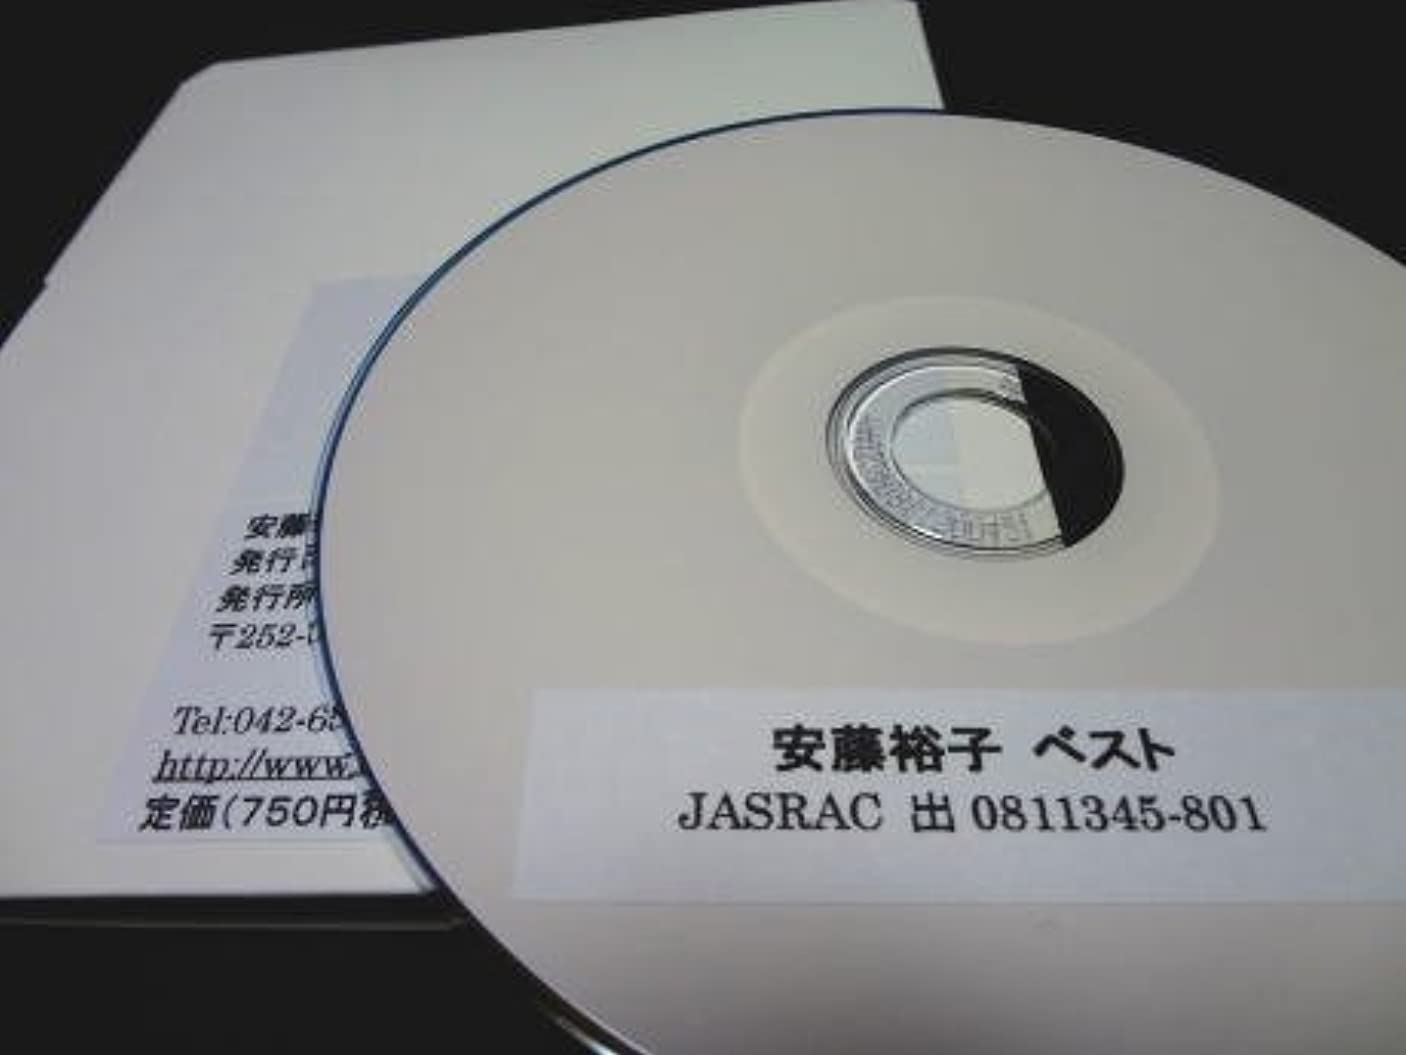 好ましい物理アルファベット順ギターコード譜シリーズ(CD-R版)/安藤裕子 ベスト(全35曲収録)